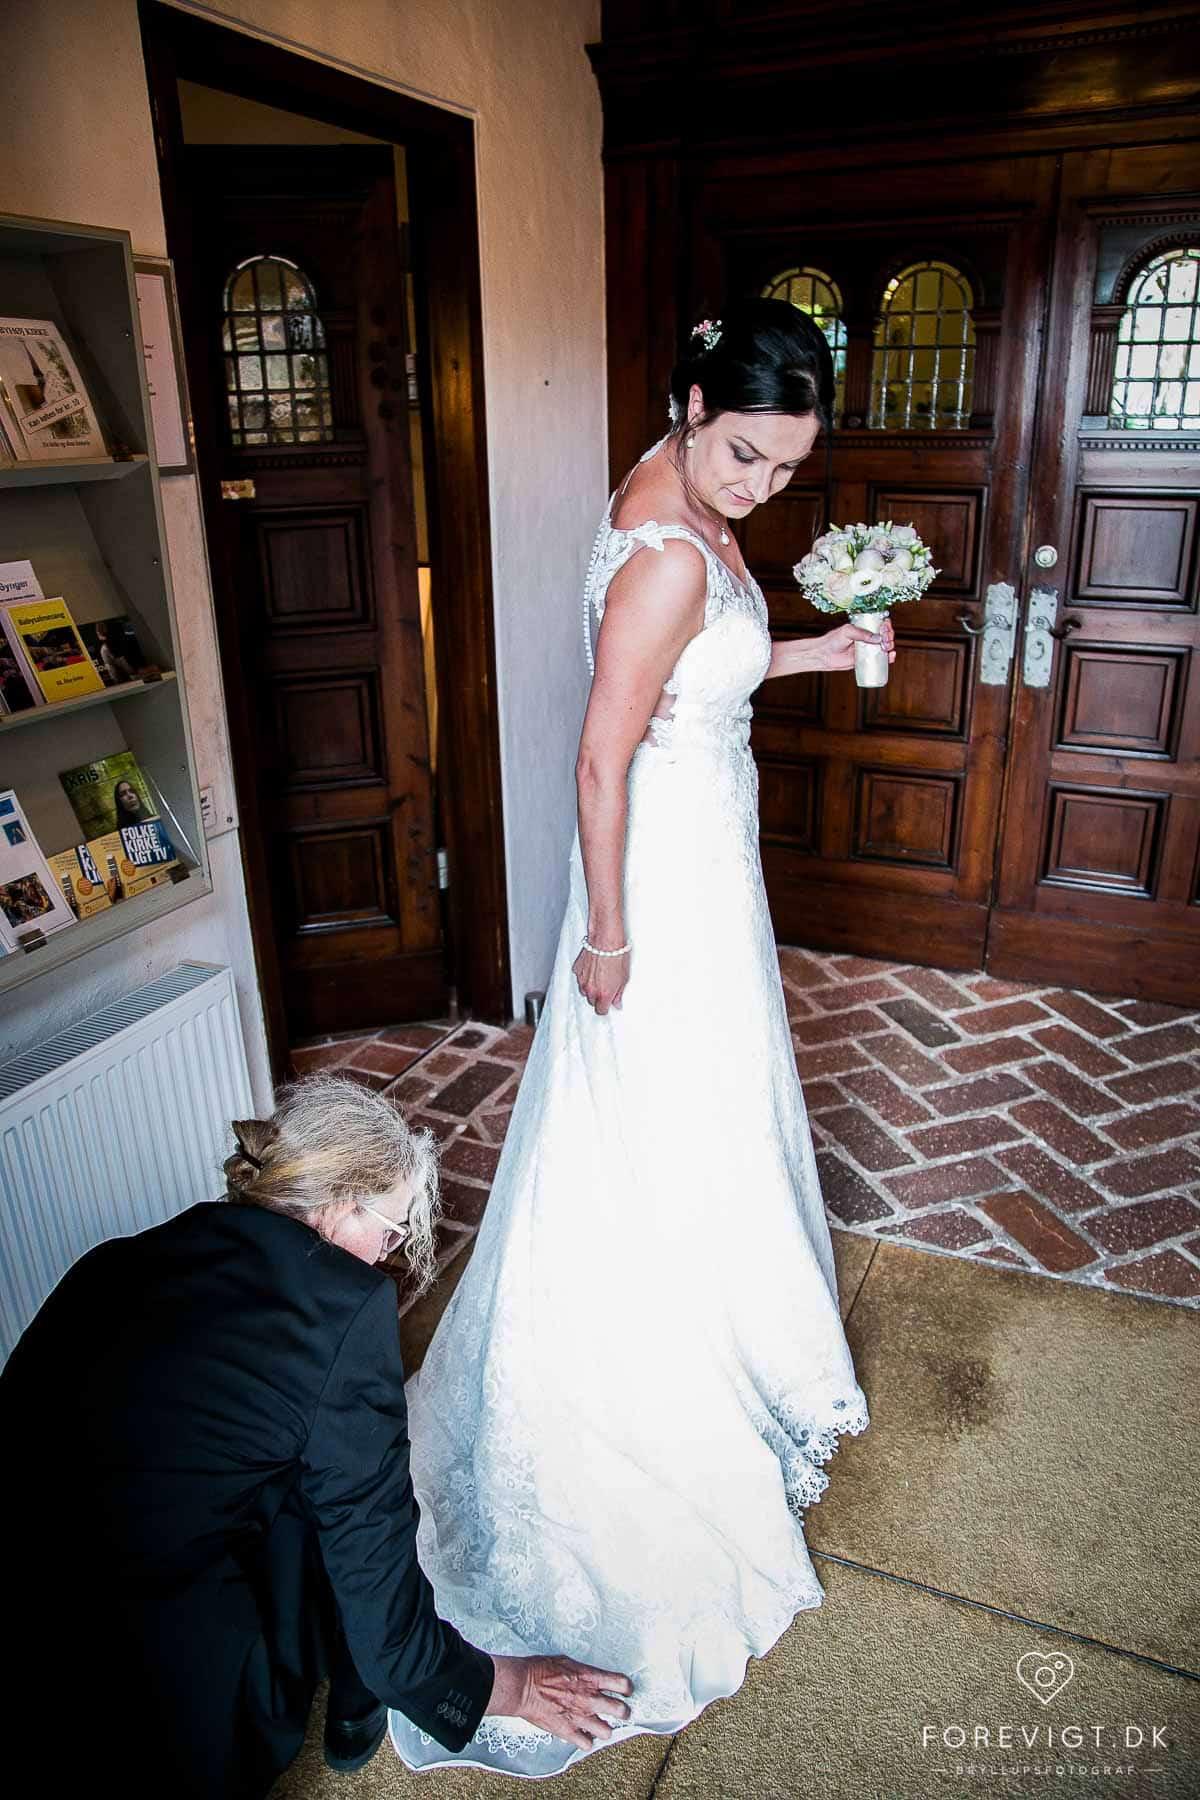 Hår og makeup til bryllup - Aarhus - vi kører ud til bruden